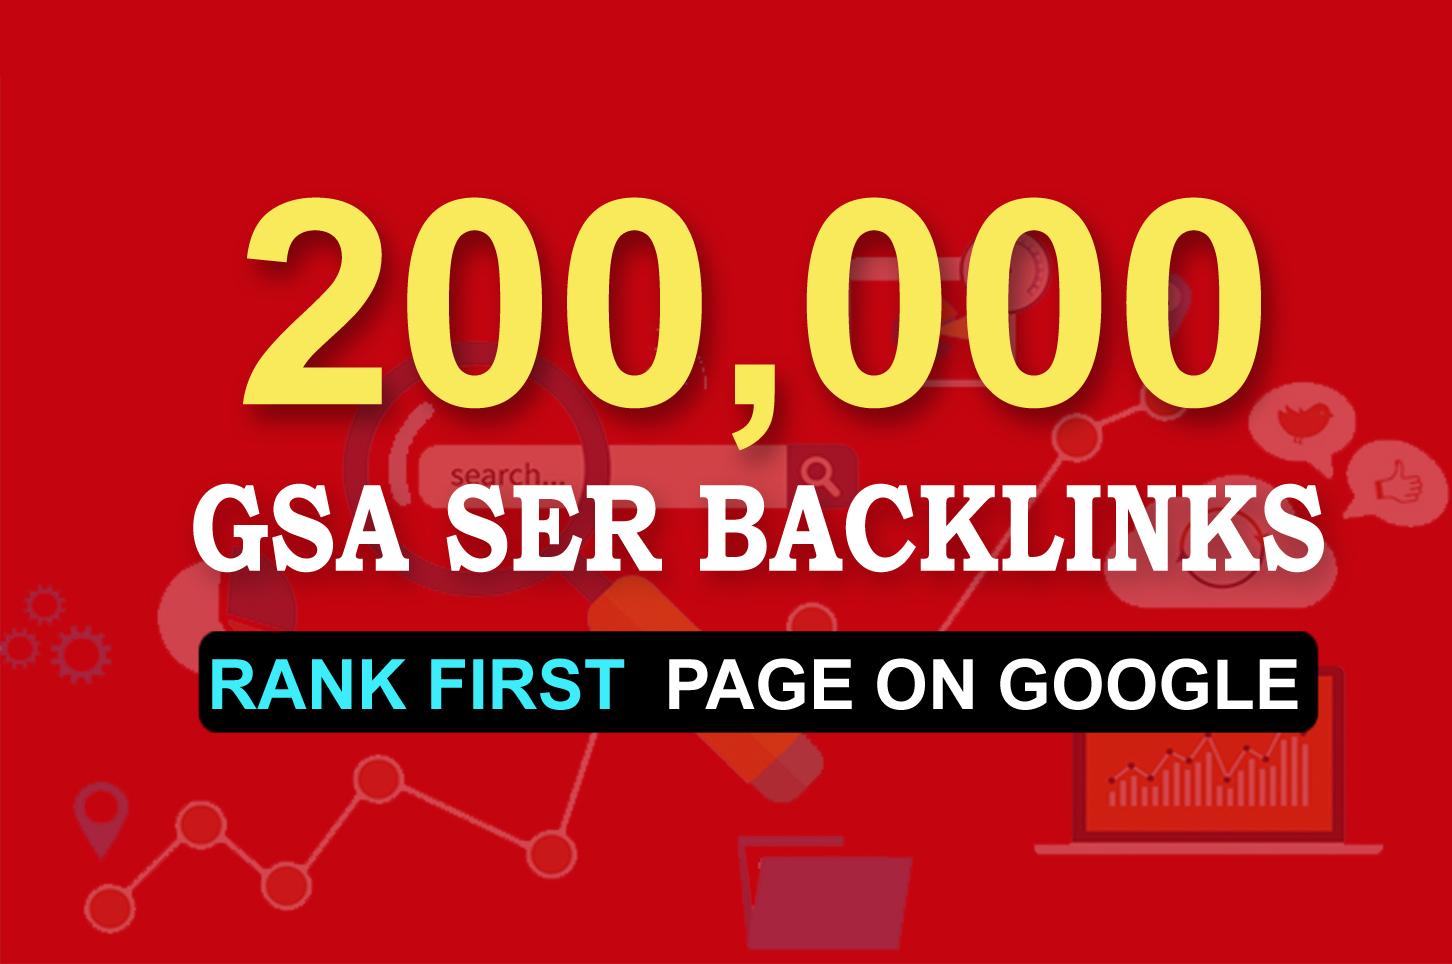 FULL GSA SER LINKS BLAST 200,000 BACKLINKS for